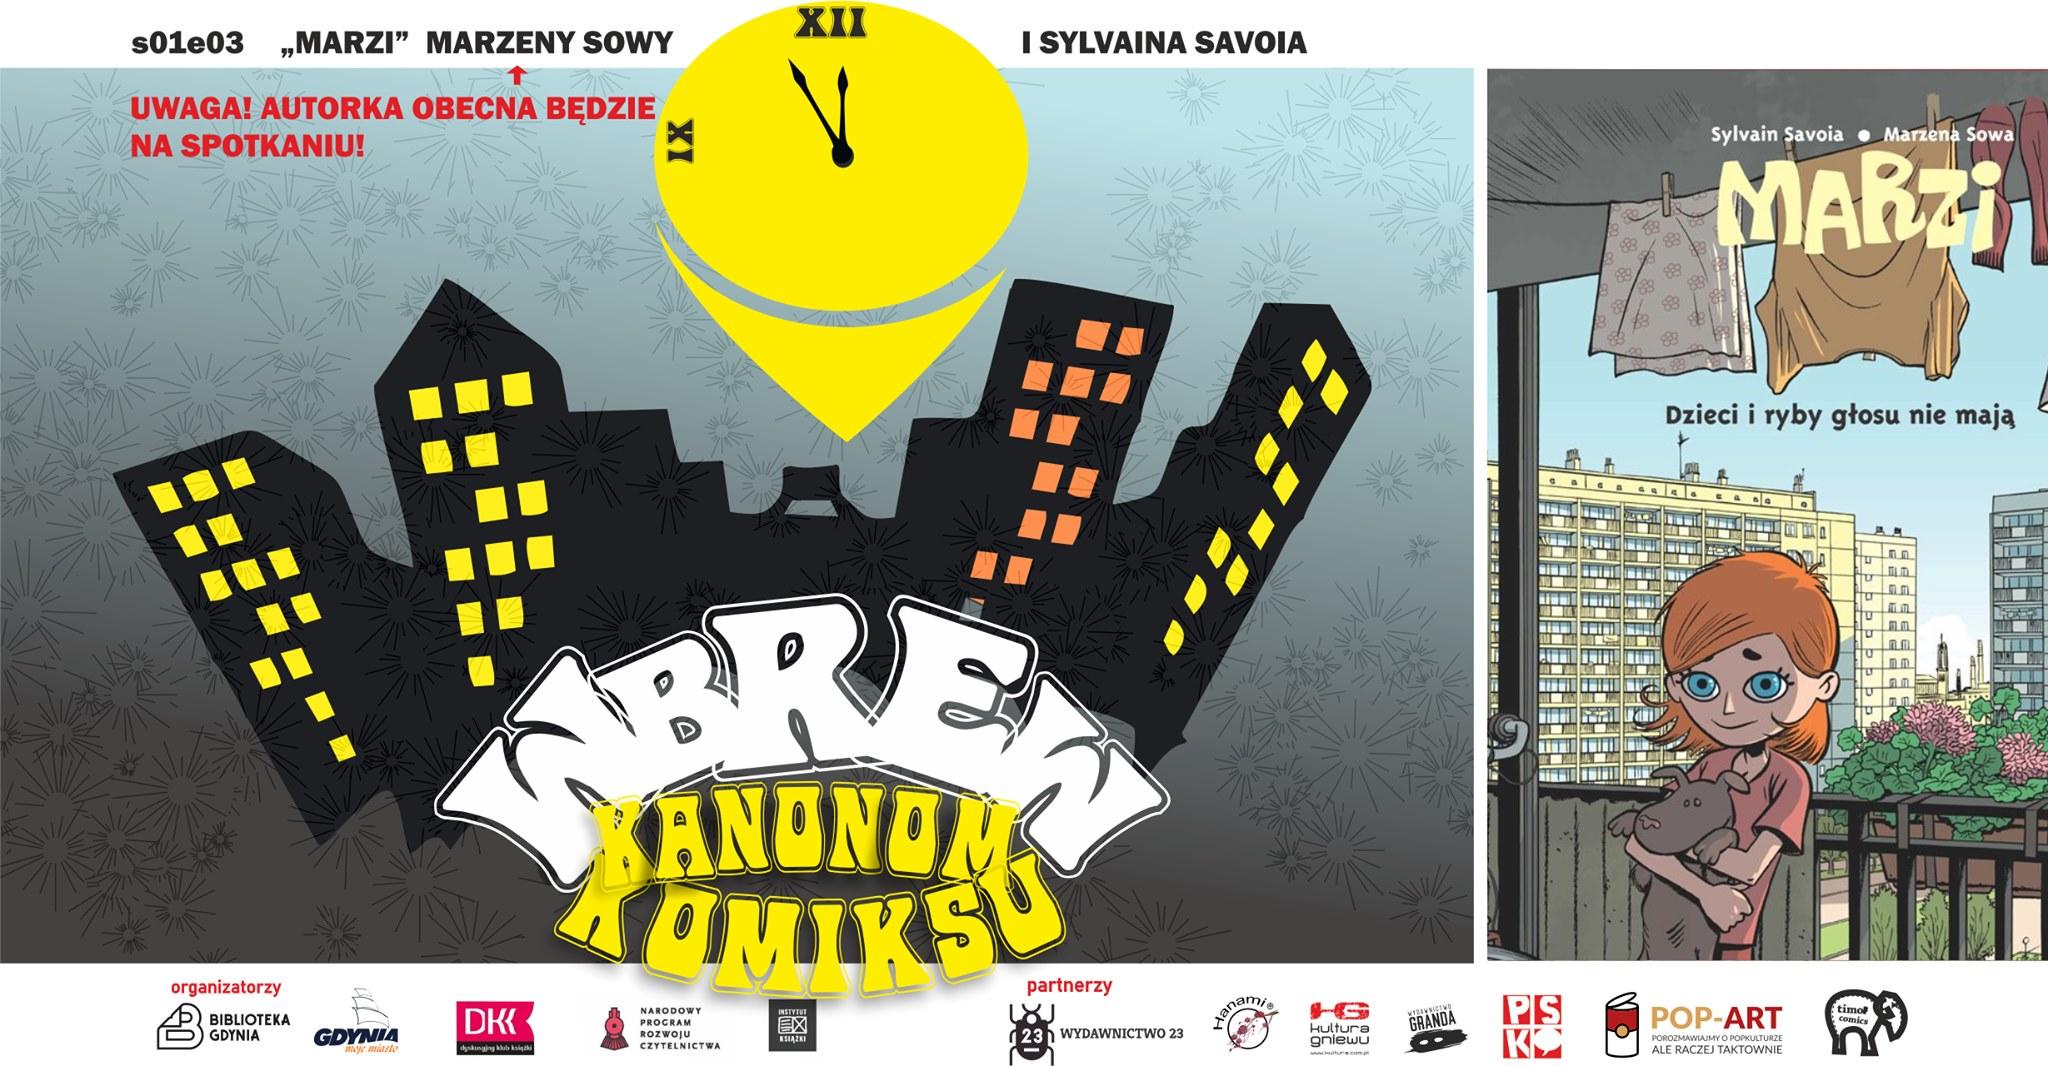 """Komiks """"Marzi"""" – spotkanie z Marzeną Sową, zrzut ekranu"""